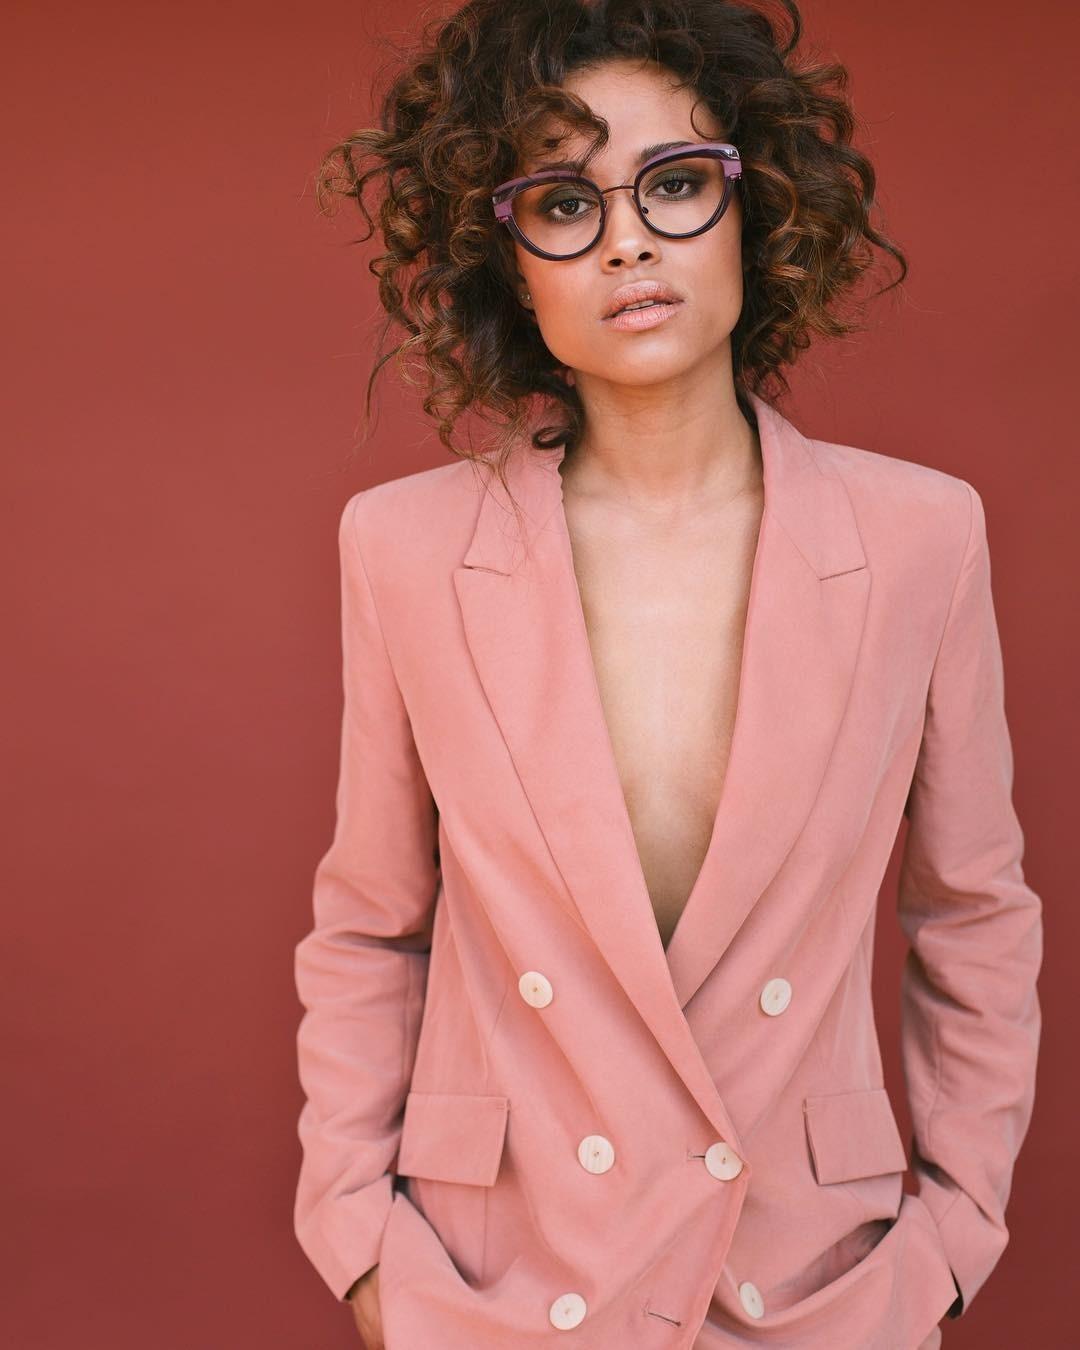 Модные очки для зрения: тренды 2019 года